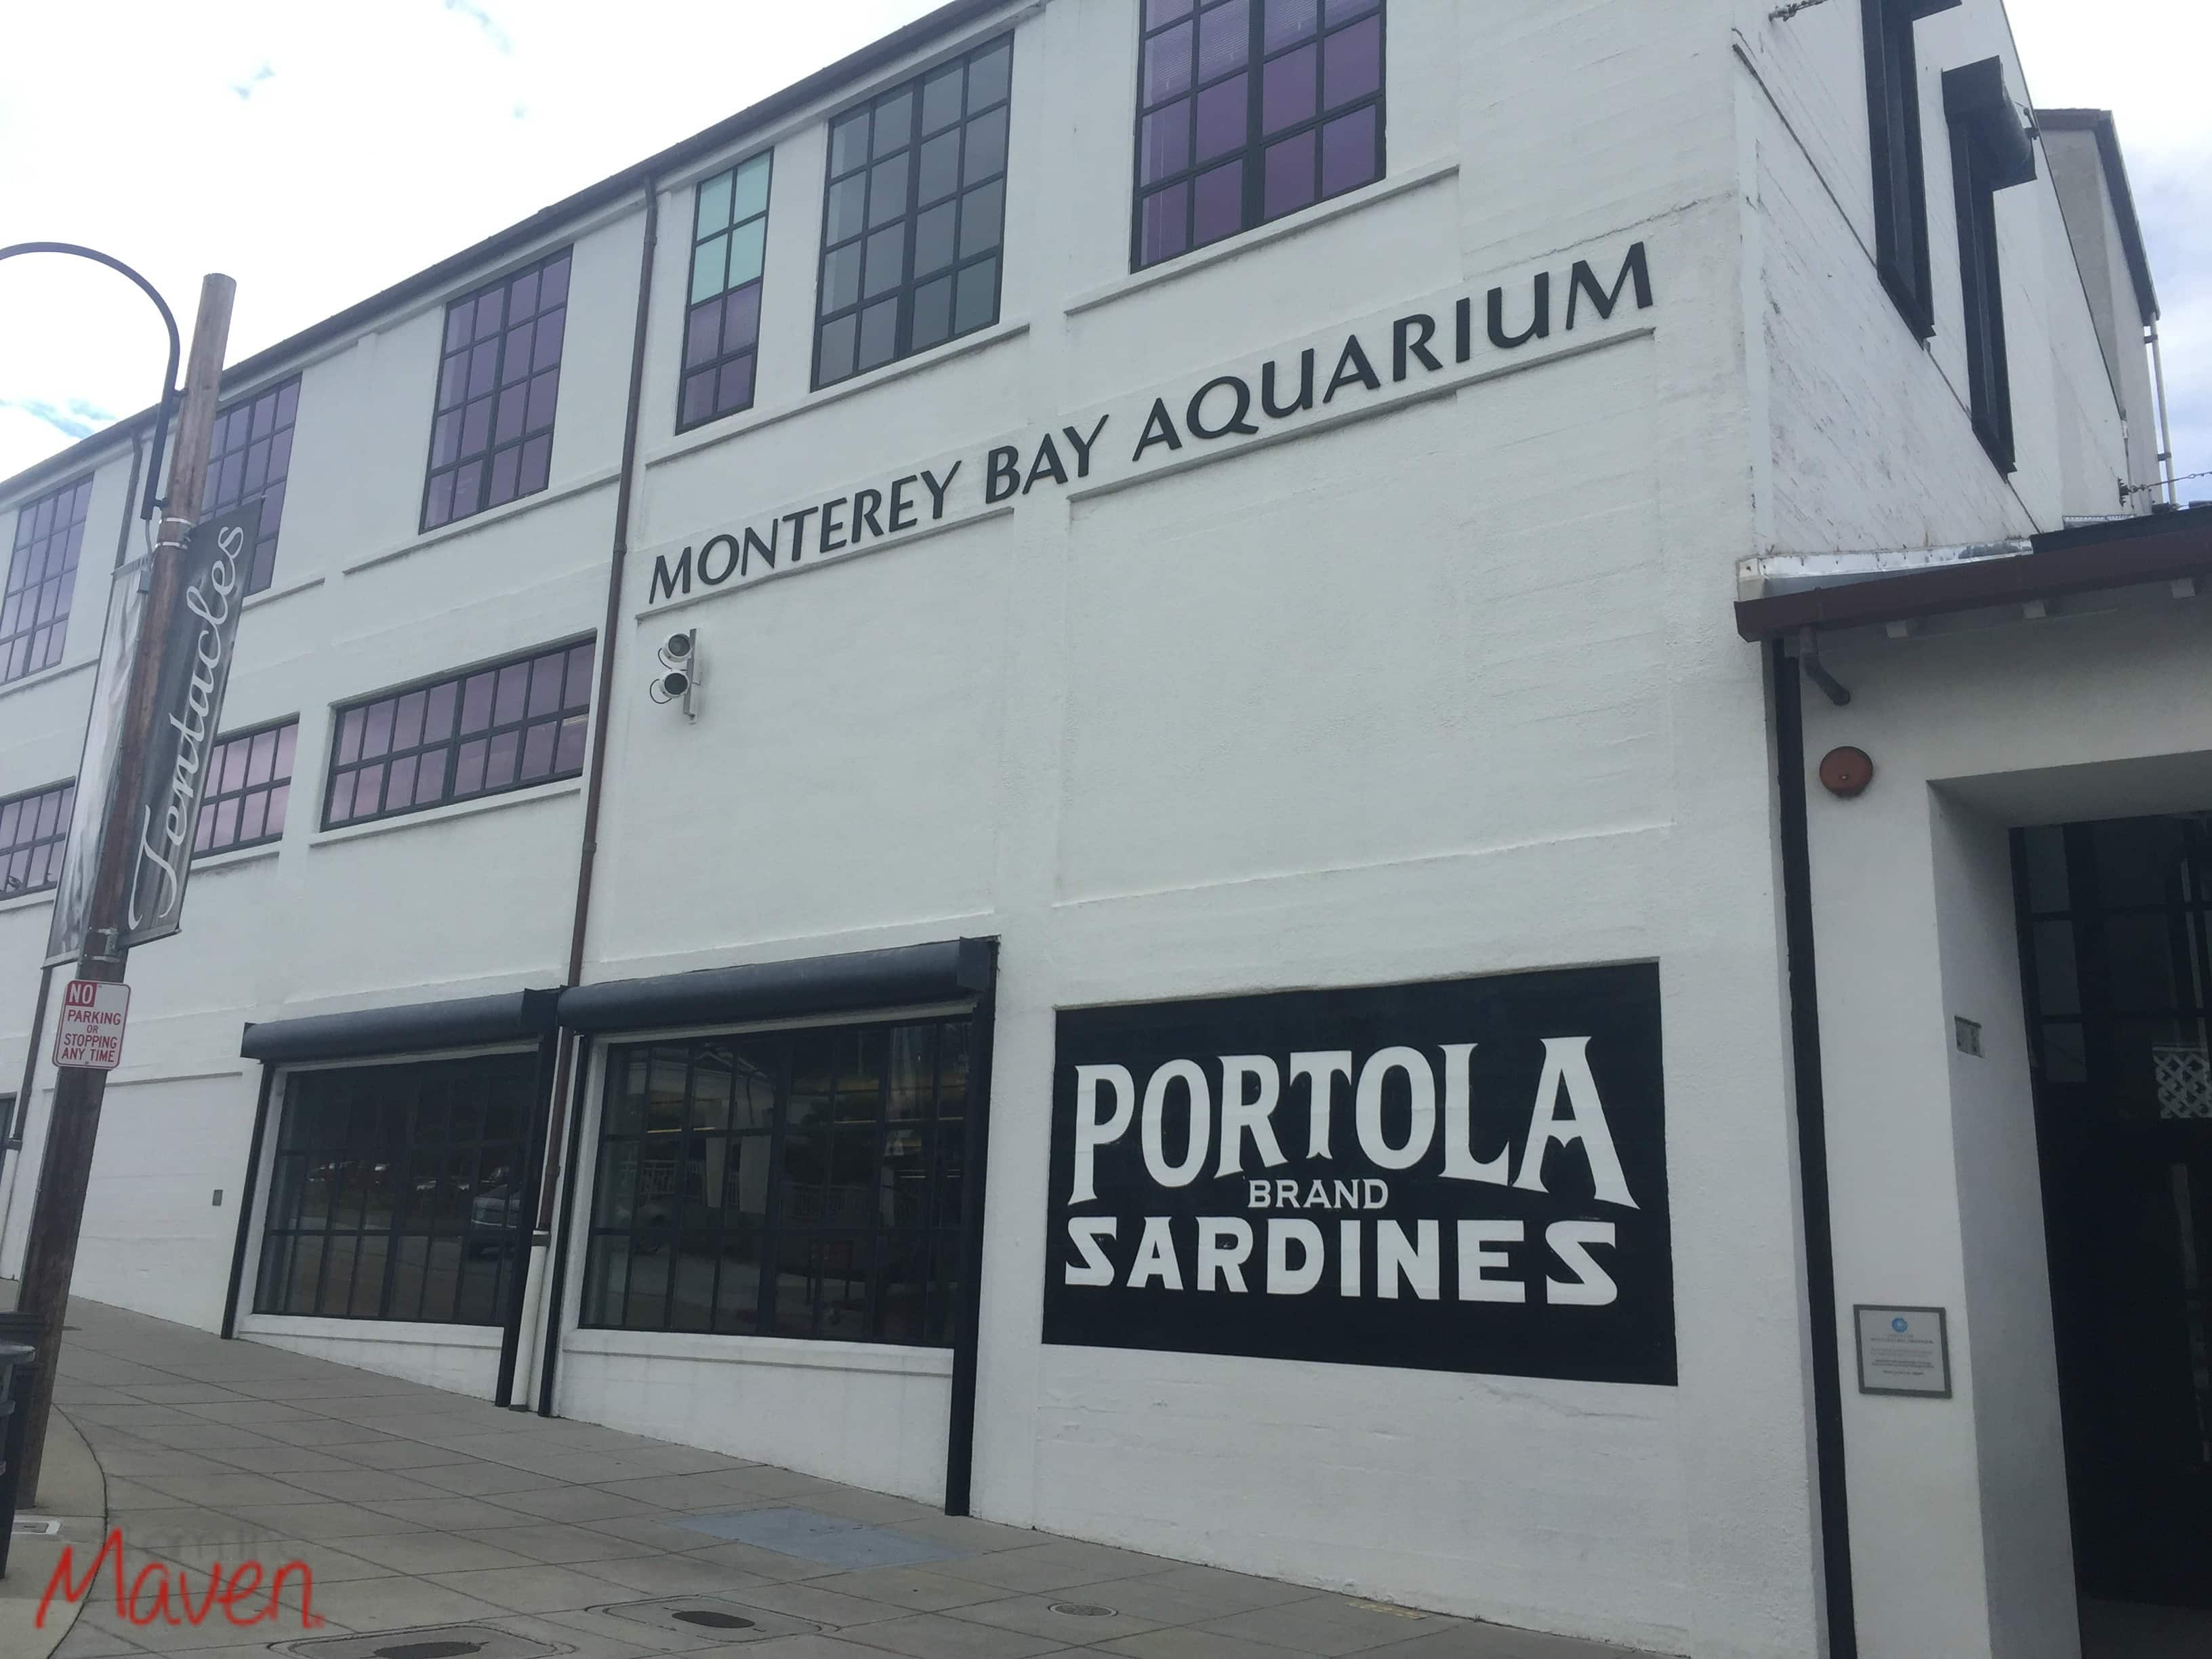 The Monterey Bay Aquarium